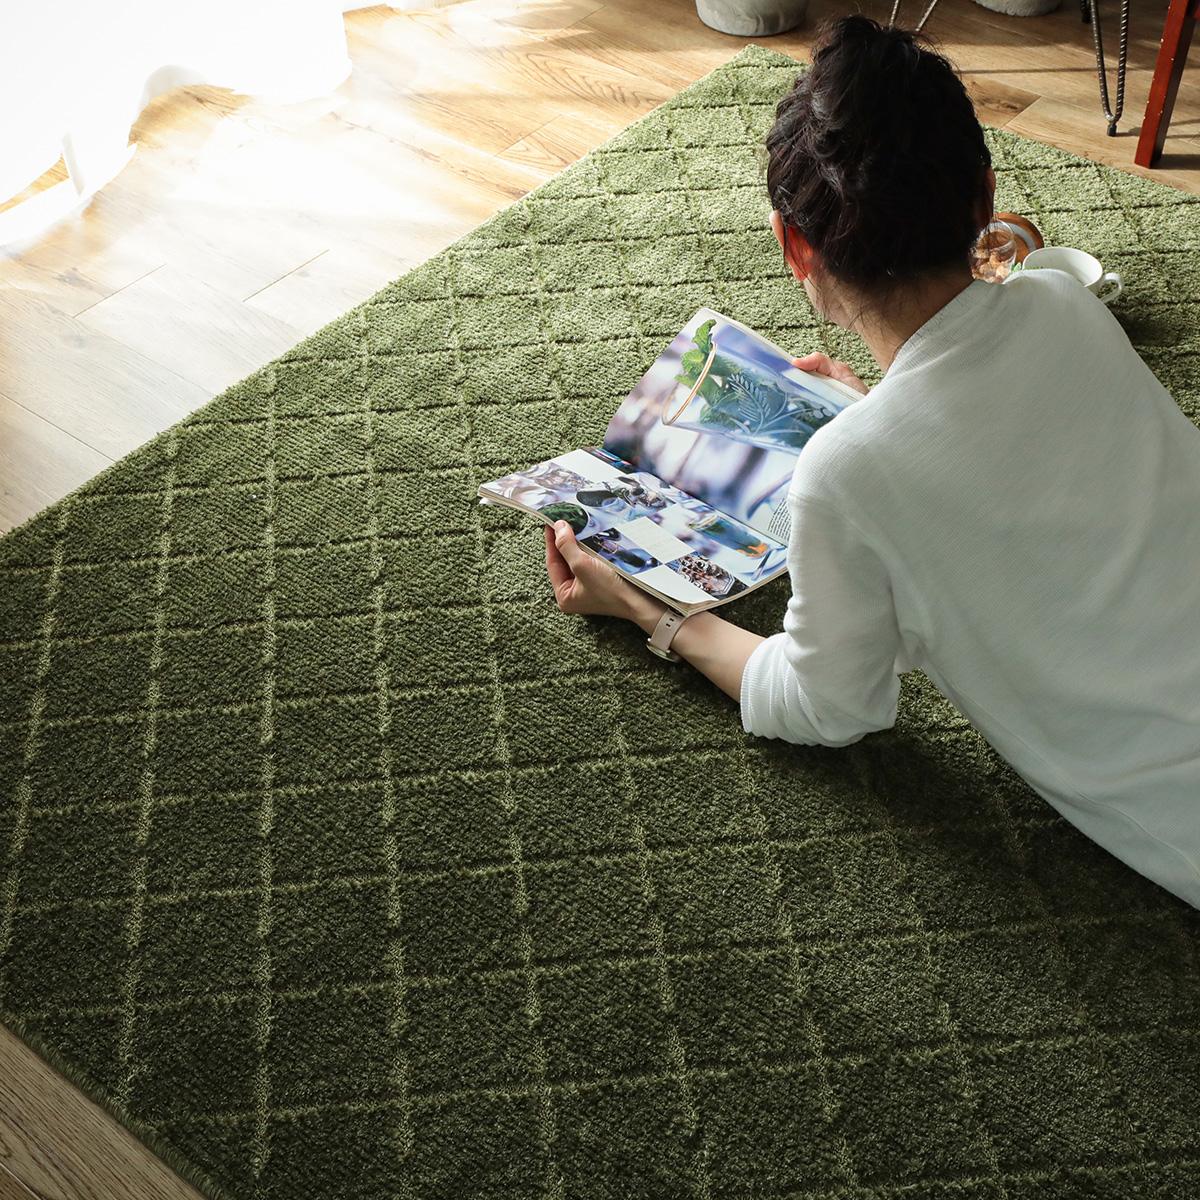 安心の防ダニ・抗菌加工 ナチュラルテイストなデザインのカーペット『カリナ』